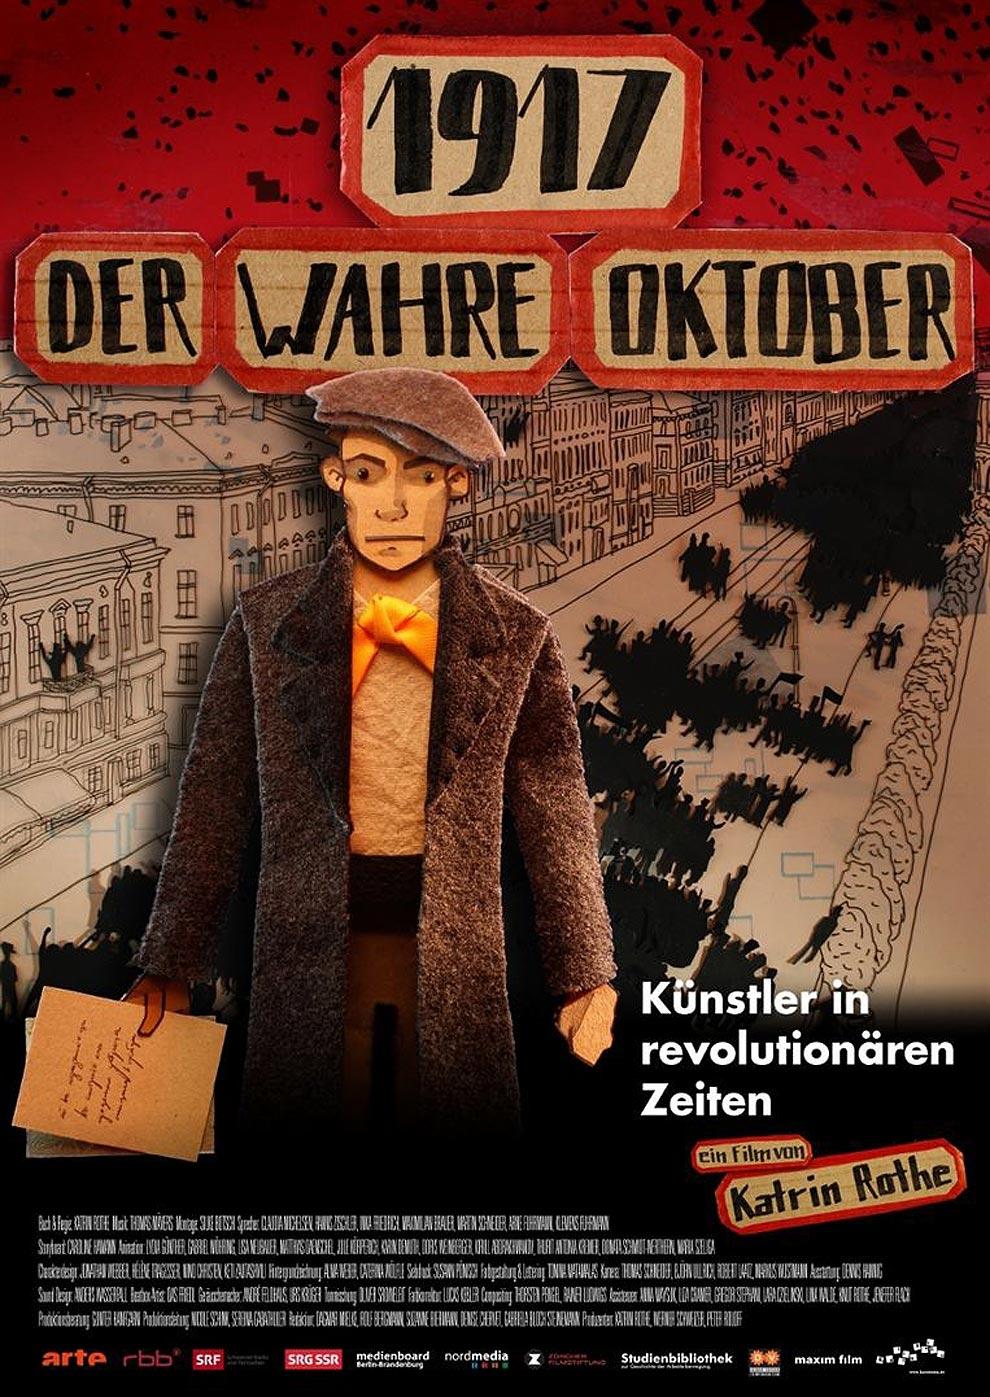 1917 - Der wahre Oktober (Poster)